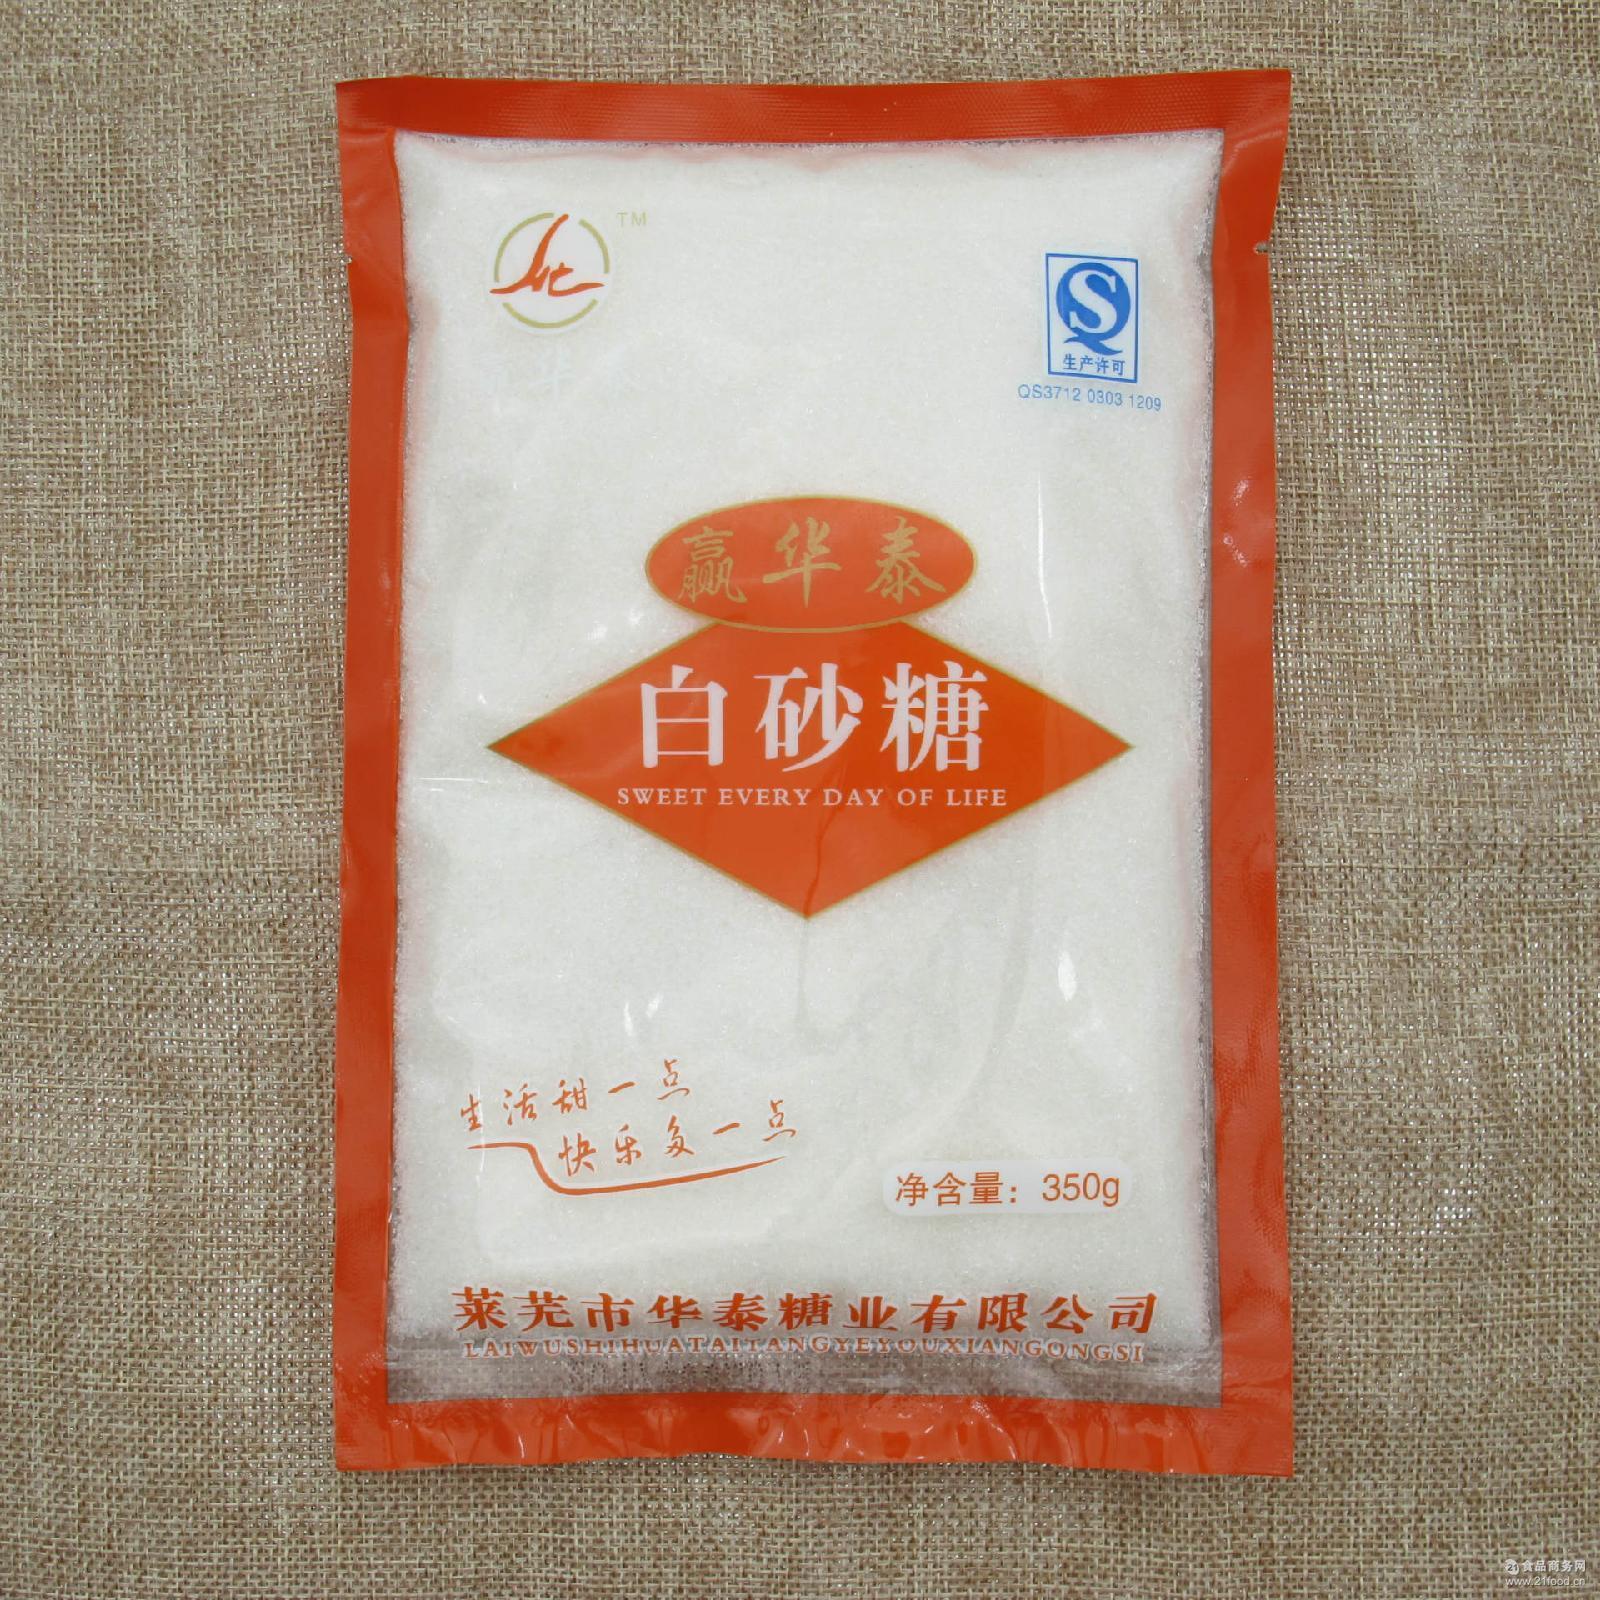 赢华泰一级白砂糖袋装350g食用级白糖泡水面包烘焙佐料调味品批发